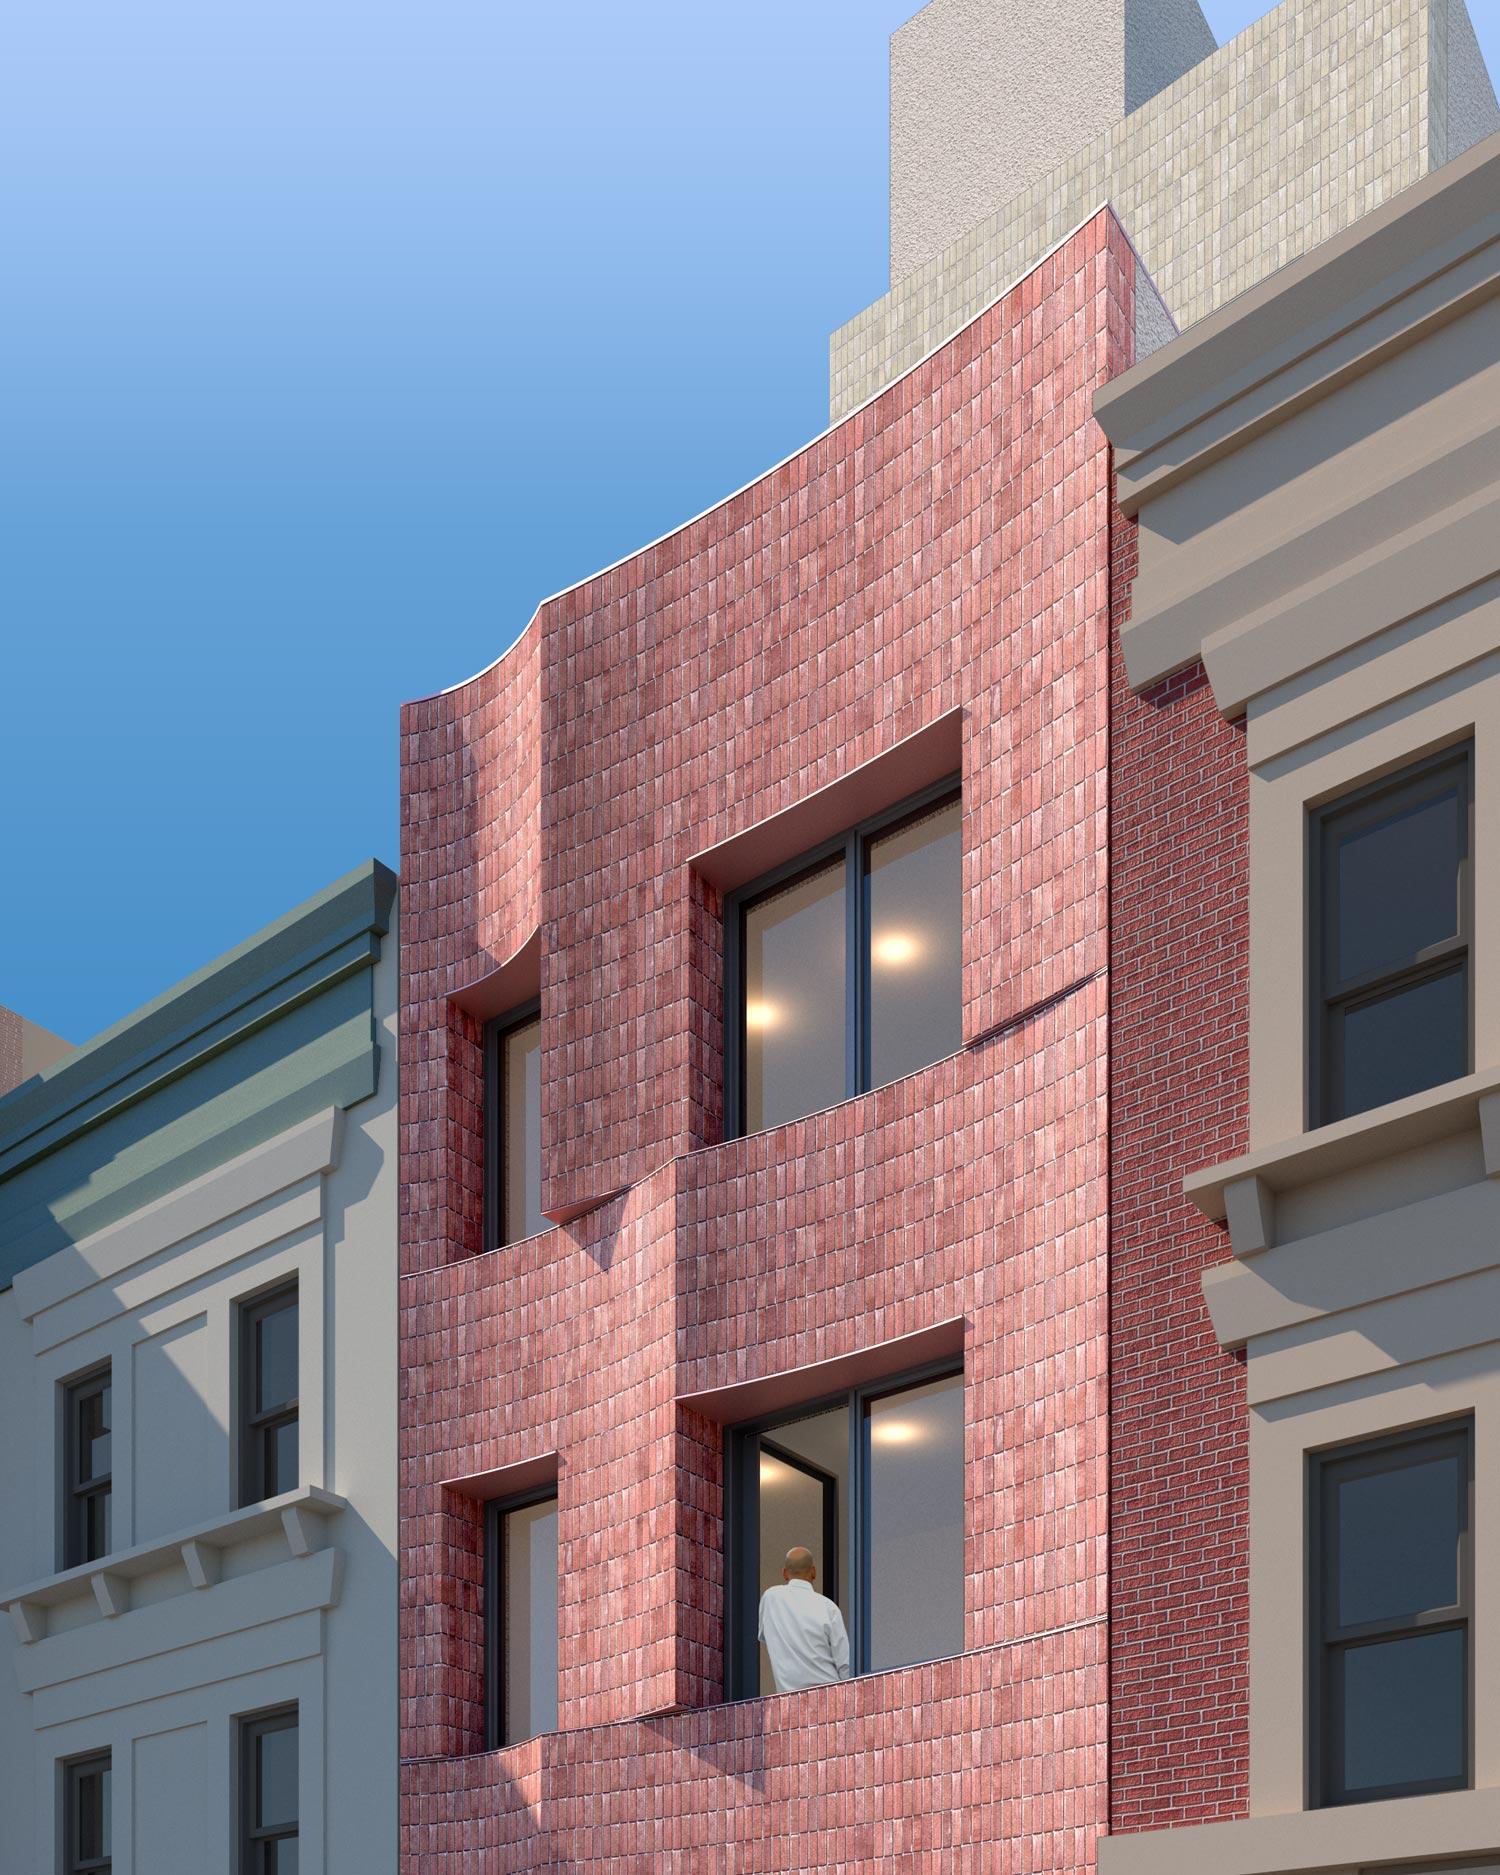 exterior-facade-detail.jpg